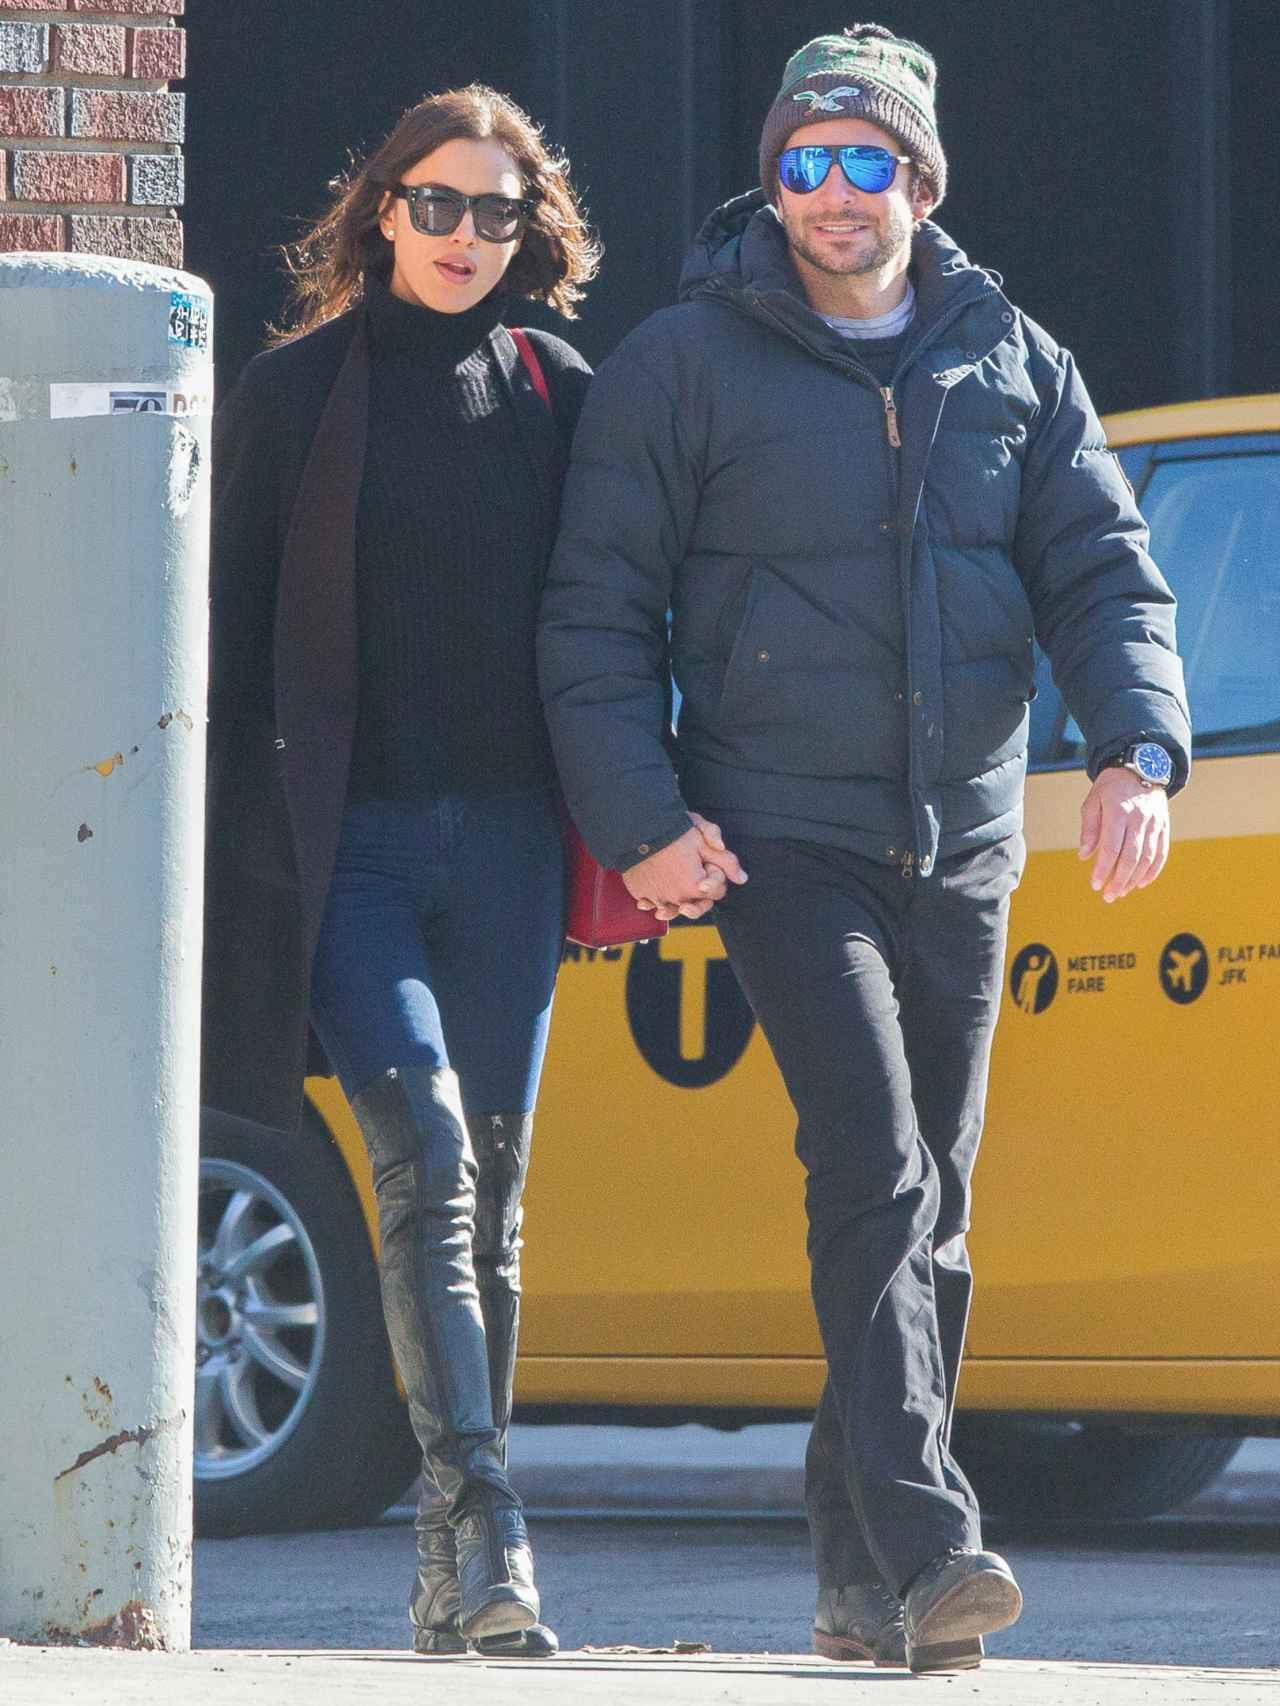 La modelo y el actor en Nueva York cogidos de la mano.